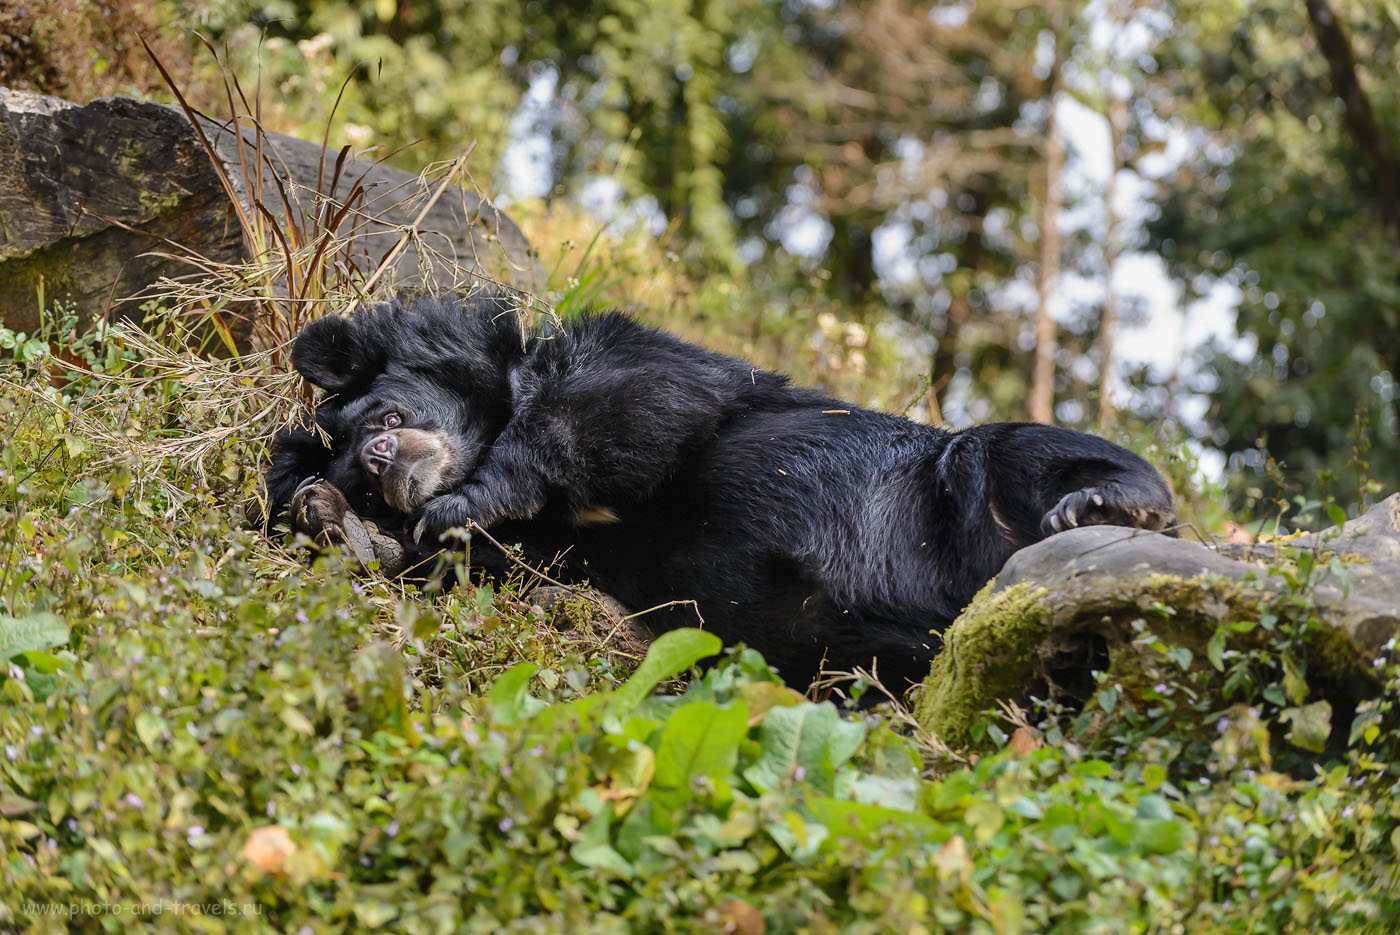 Фото 12. Гималайский медведь в зоопарке Padmaja Naidu Himalayan Zoological Park в городе Дарджилинг штата Западная Бенгалия. Отчеты туристов о поездке в Индию самостоятельно. 1/250, 4.8, 400, 112.